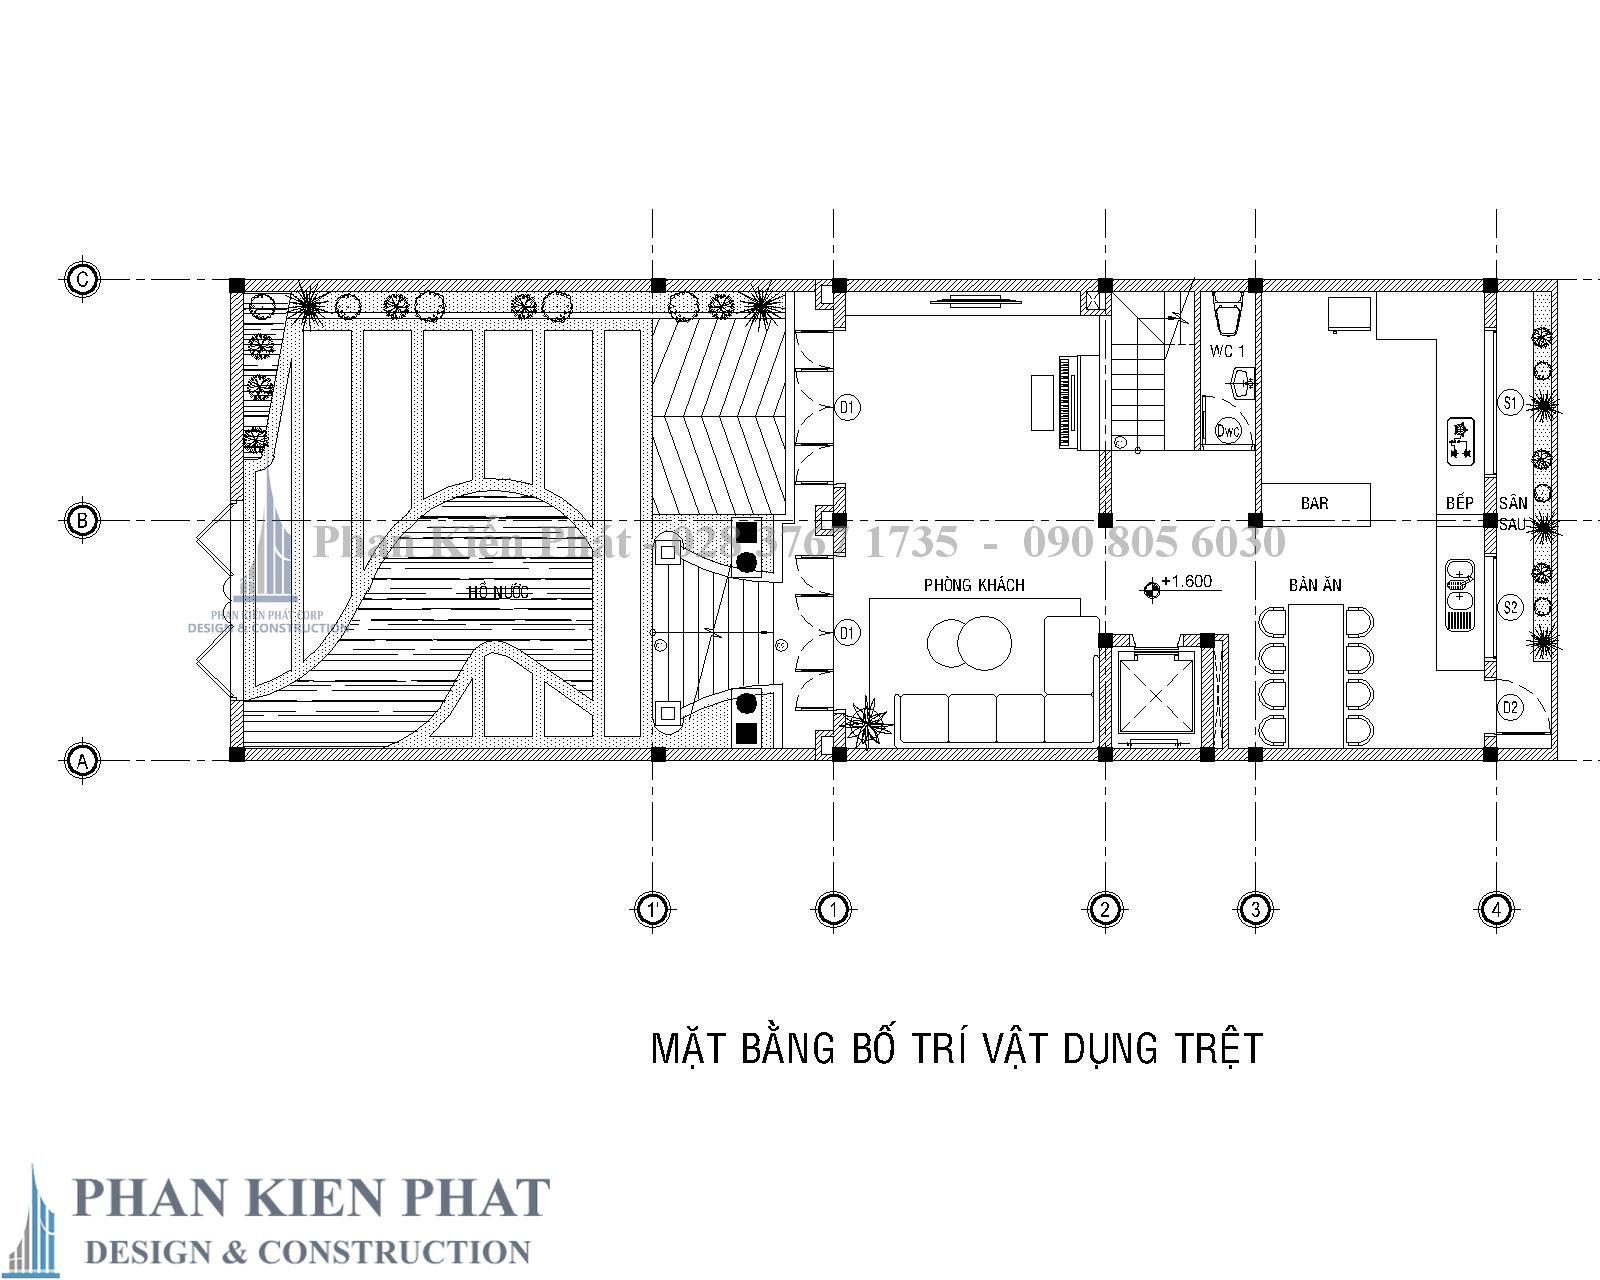 Mat Bang Bo Tri Vat Dung Tang Tret Biet Thu Co Dien - Thiết kế biệt thự cổ điển